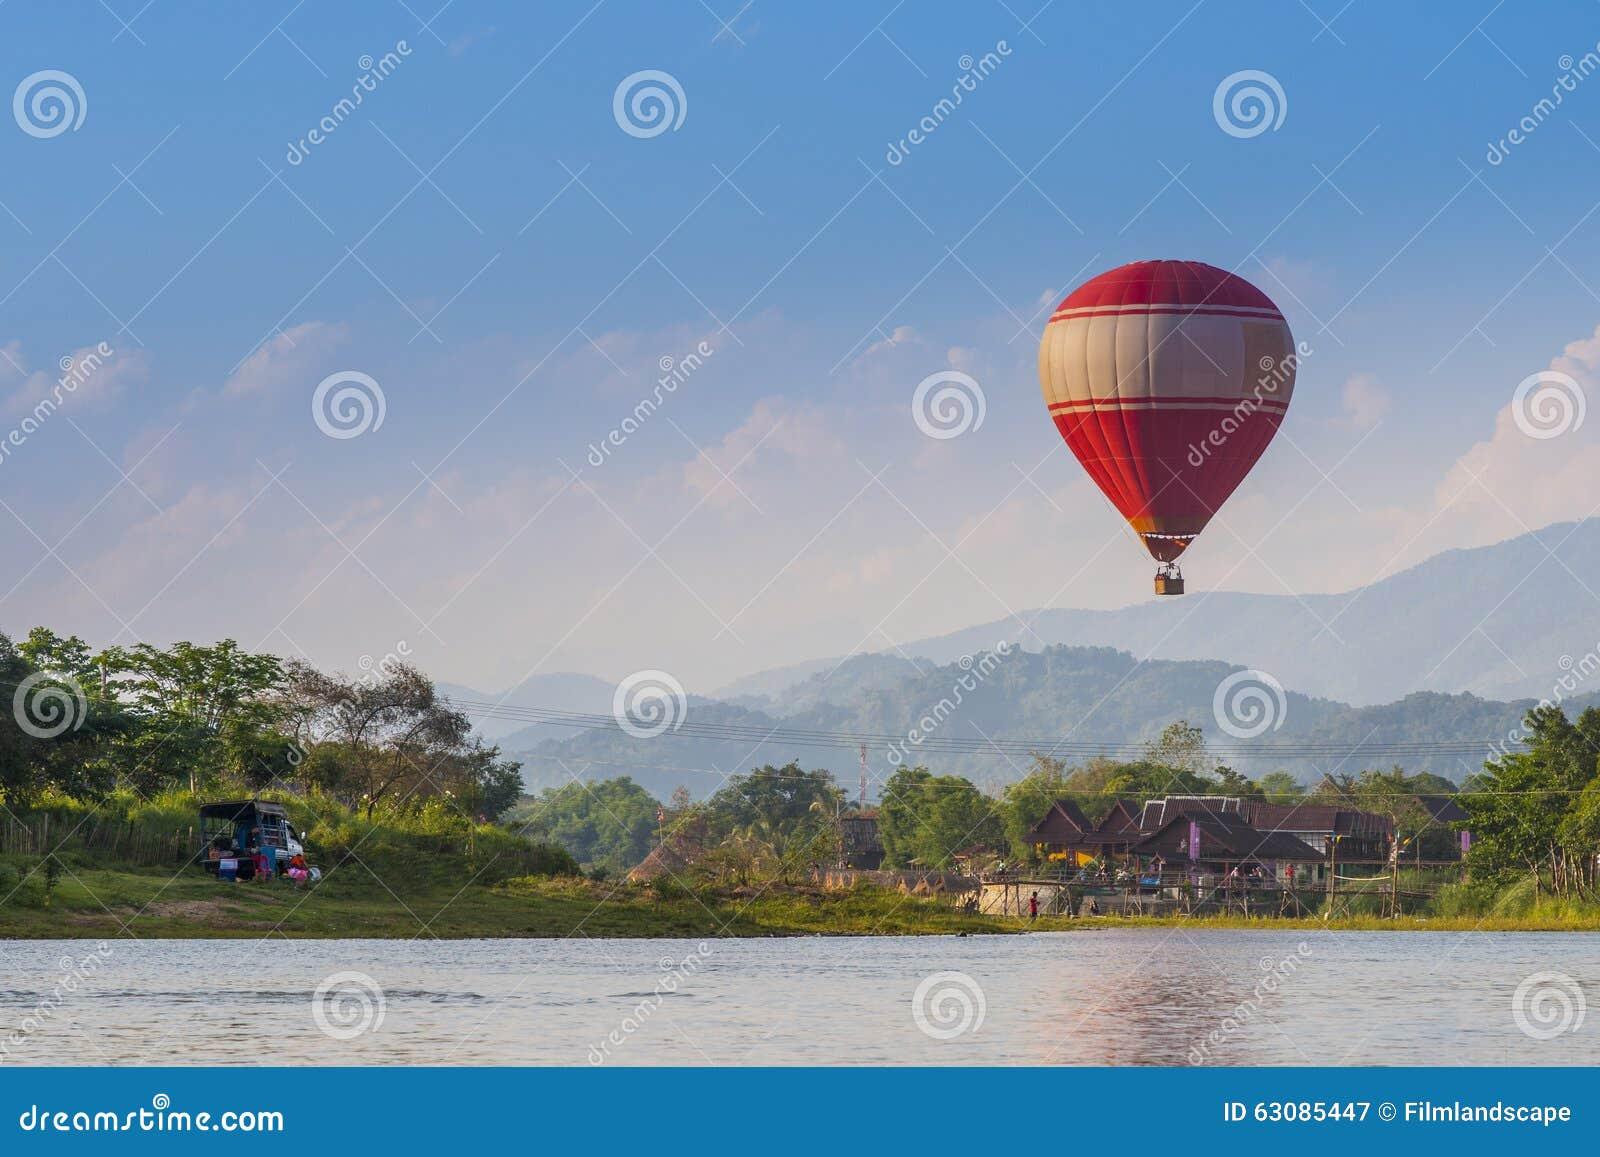 Download Visite Touristique Avec Le Ballon Dans Vang Vieng Image stock - Image du fleuve, asie: 63085447